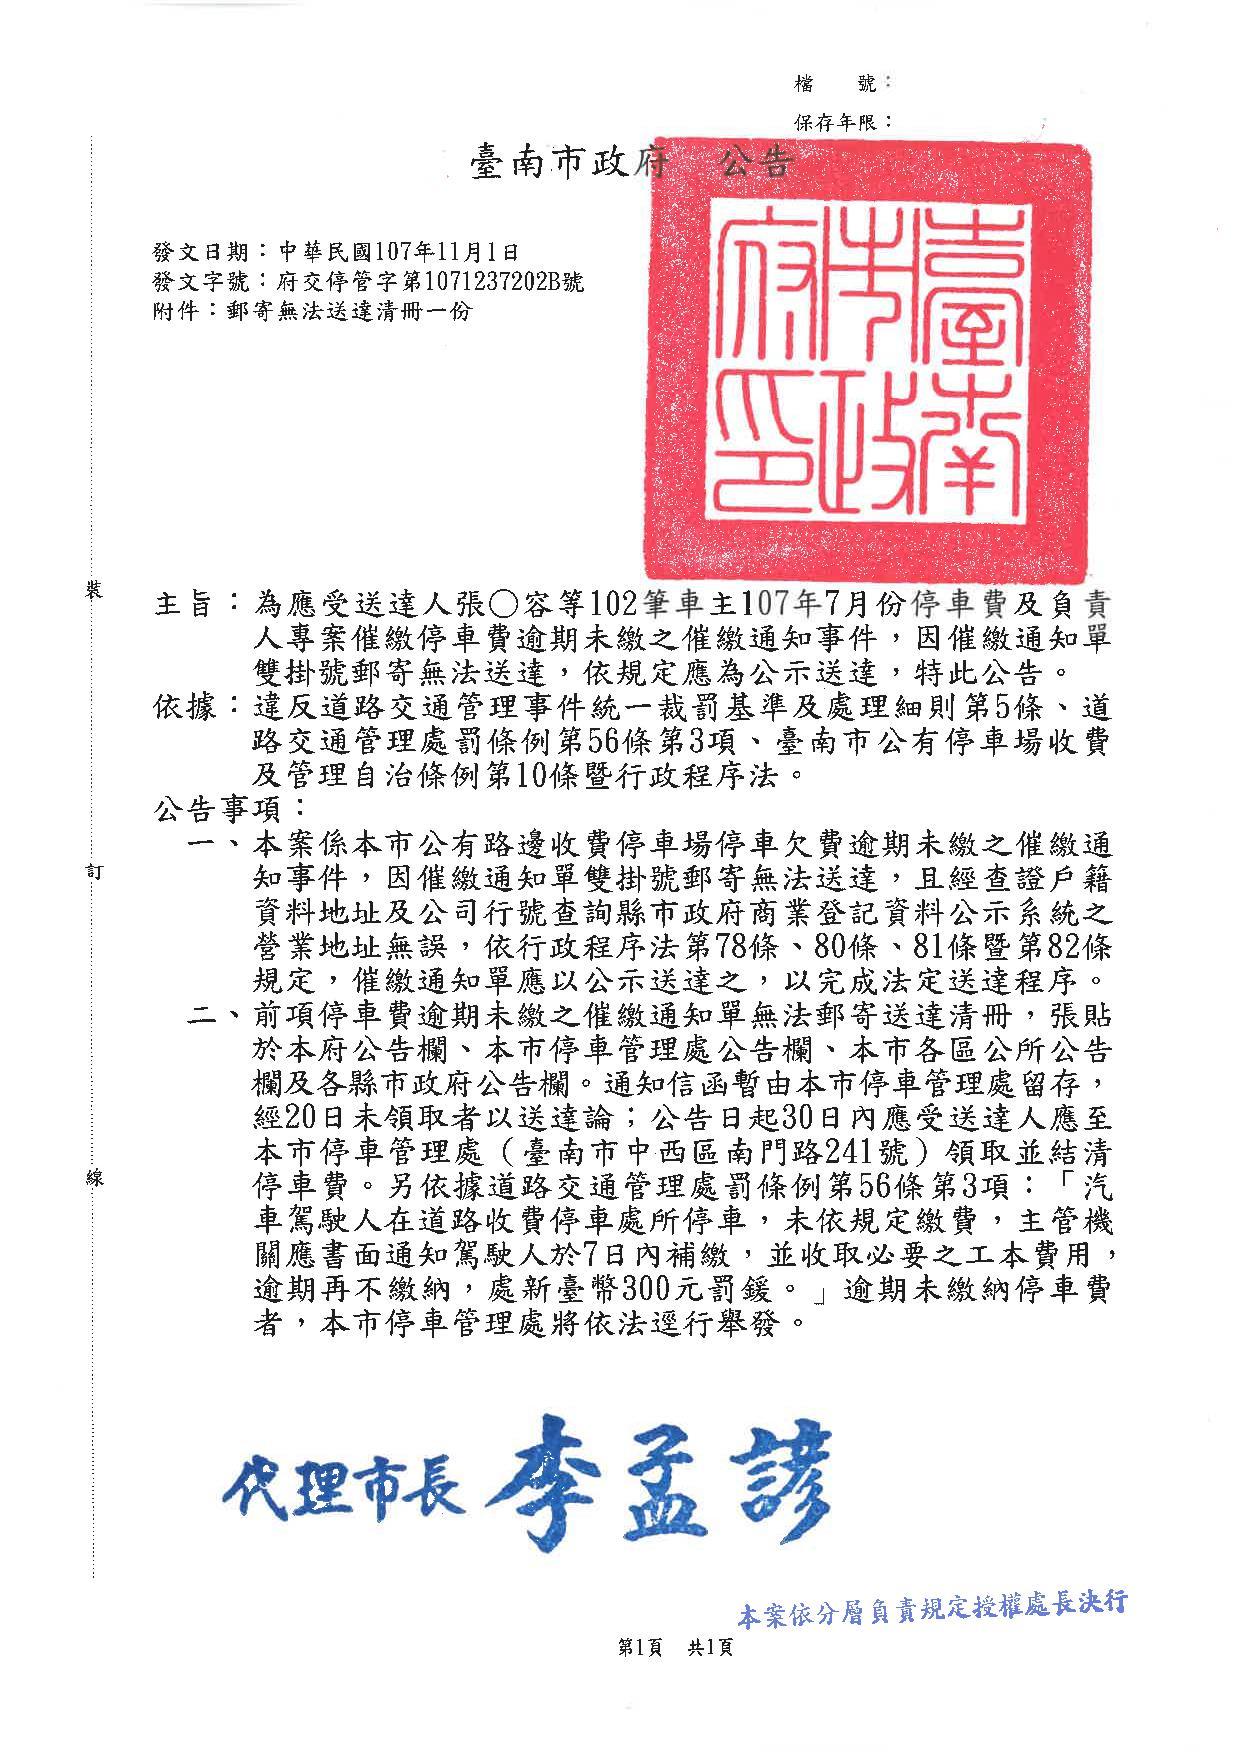 臺南市政府停車費補繳公告